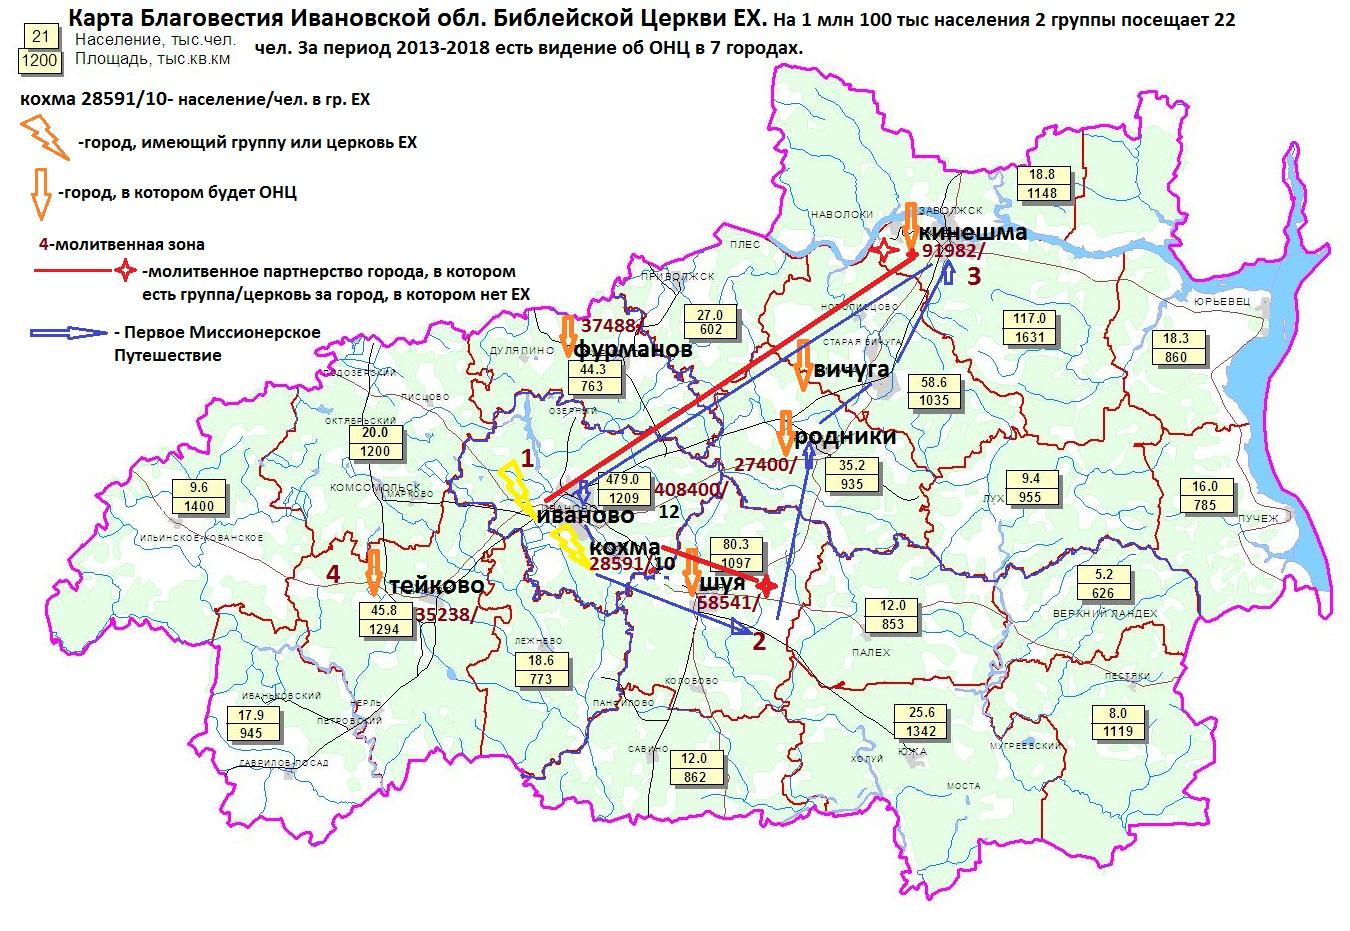 Карта Благовестия ЕХ Ив обл.